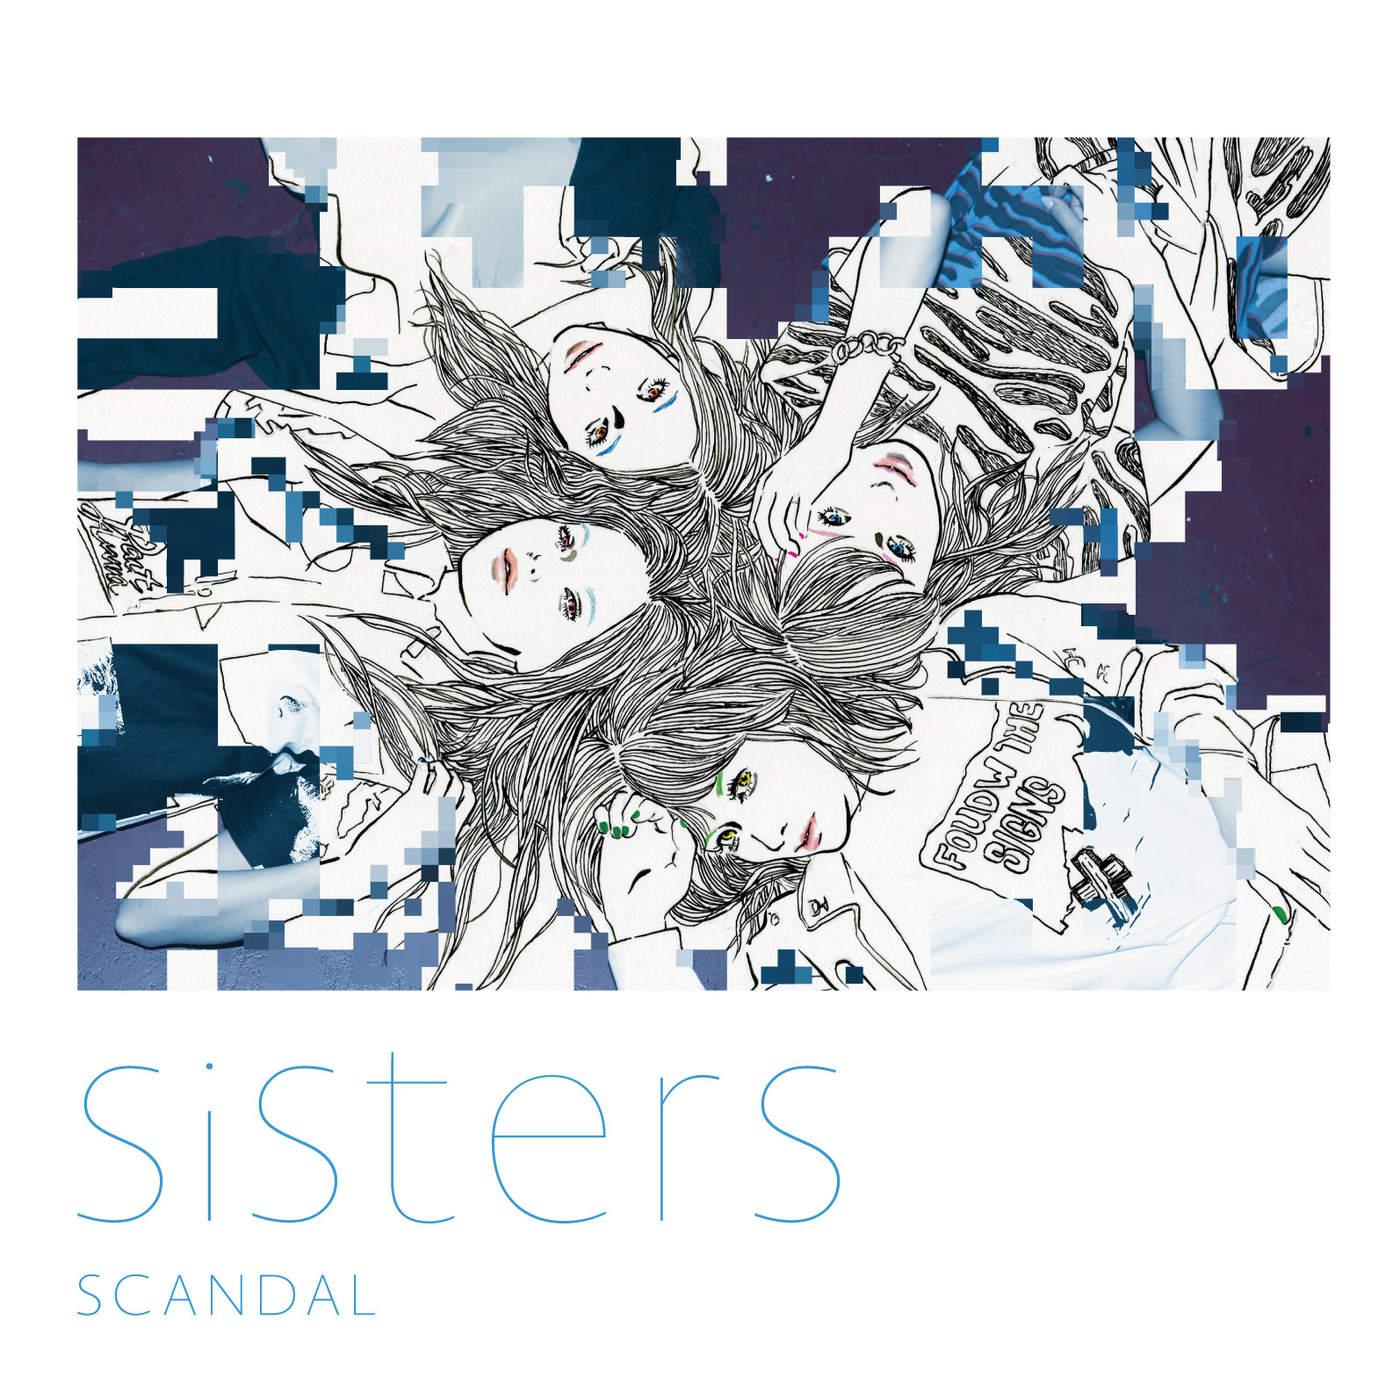 20160302.04 SCANDAL - Sisters (DVD.iso) (JPOP.ru) cover 2.jpg